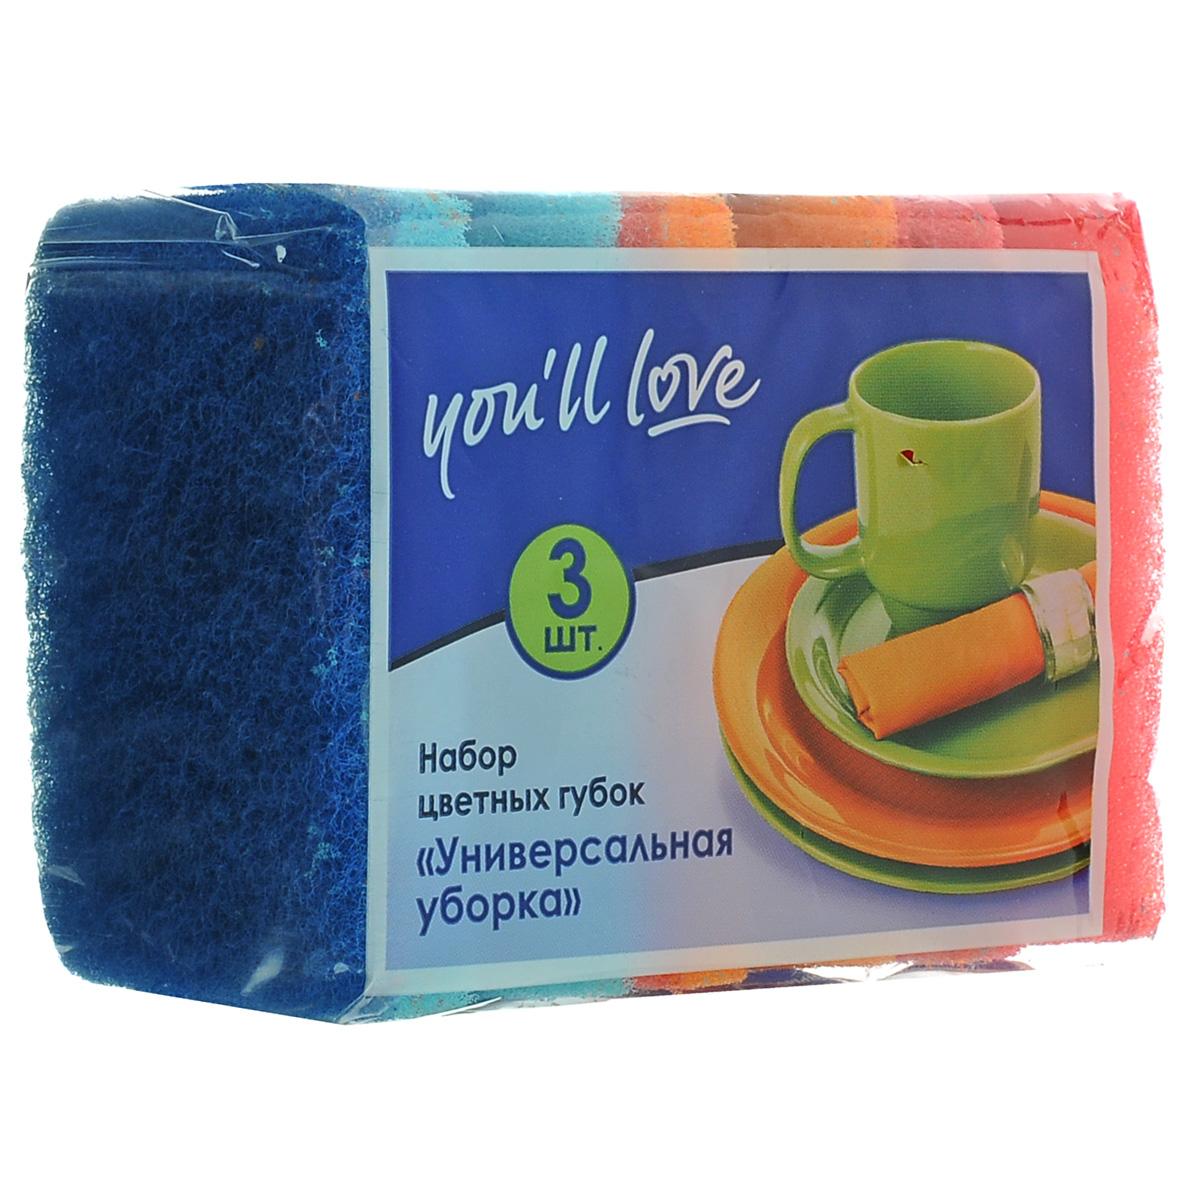 Губка для мытья посуды You'll love Универсальная уборка, 3 шт губка для мытья посуды фозет ассорти цвет в ассортименте 3 шт